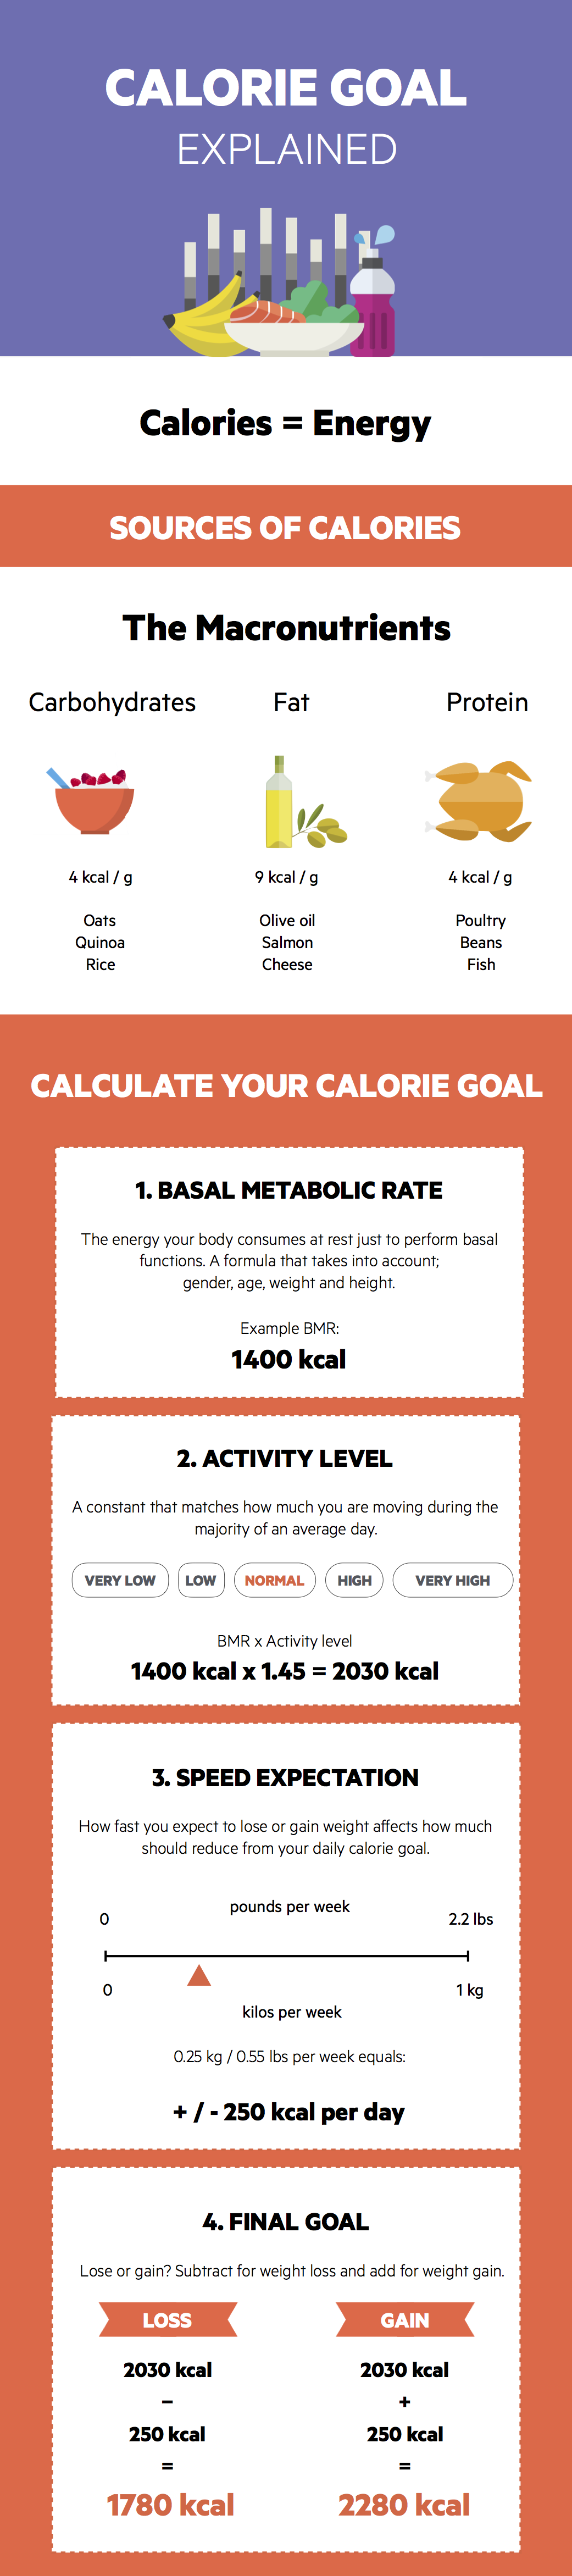 calorie goal explained